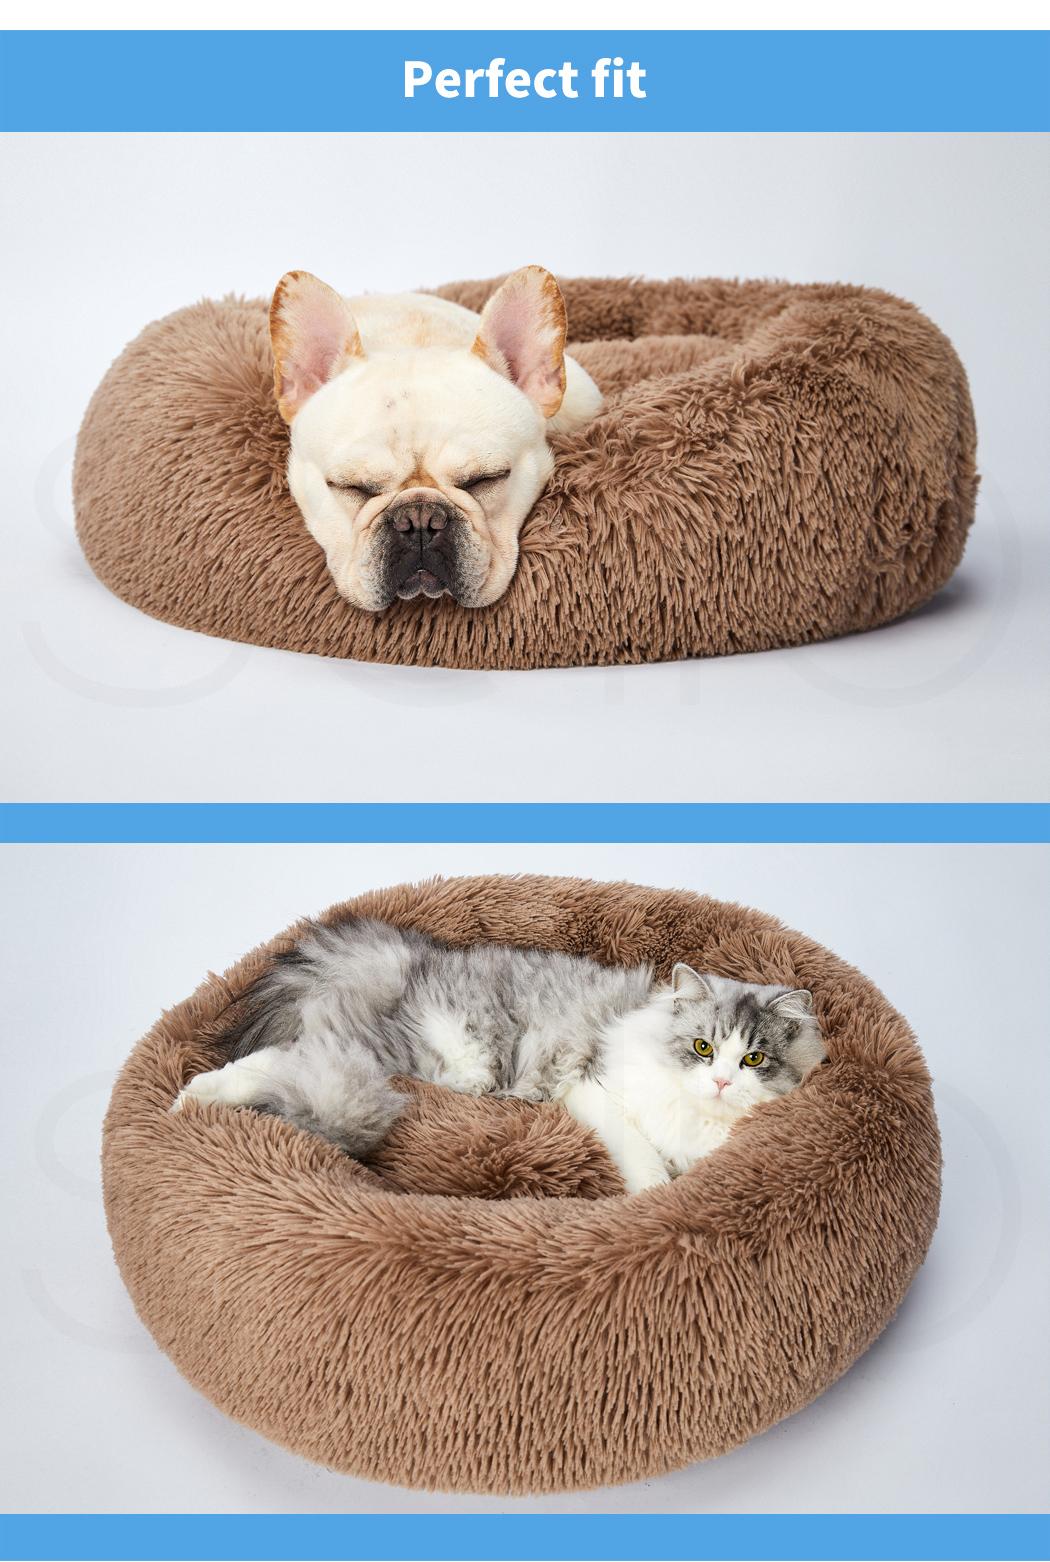 thumbnail 63 - PaWz Pet Bed Cat Dog Donut Nest Calming Mat Soft Plush Kennel Cave Deep Sleeping